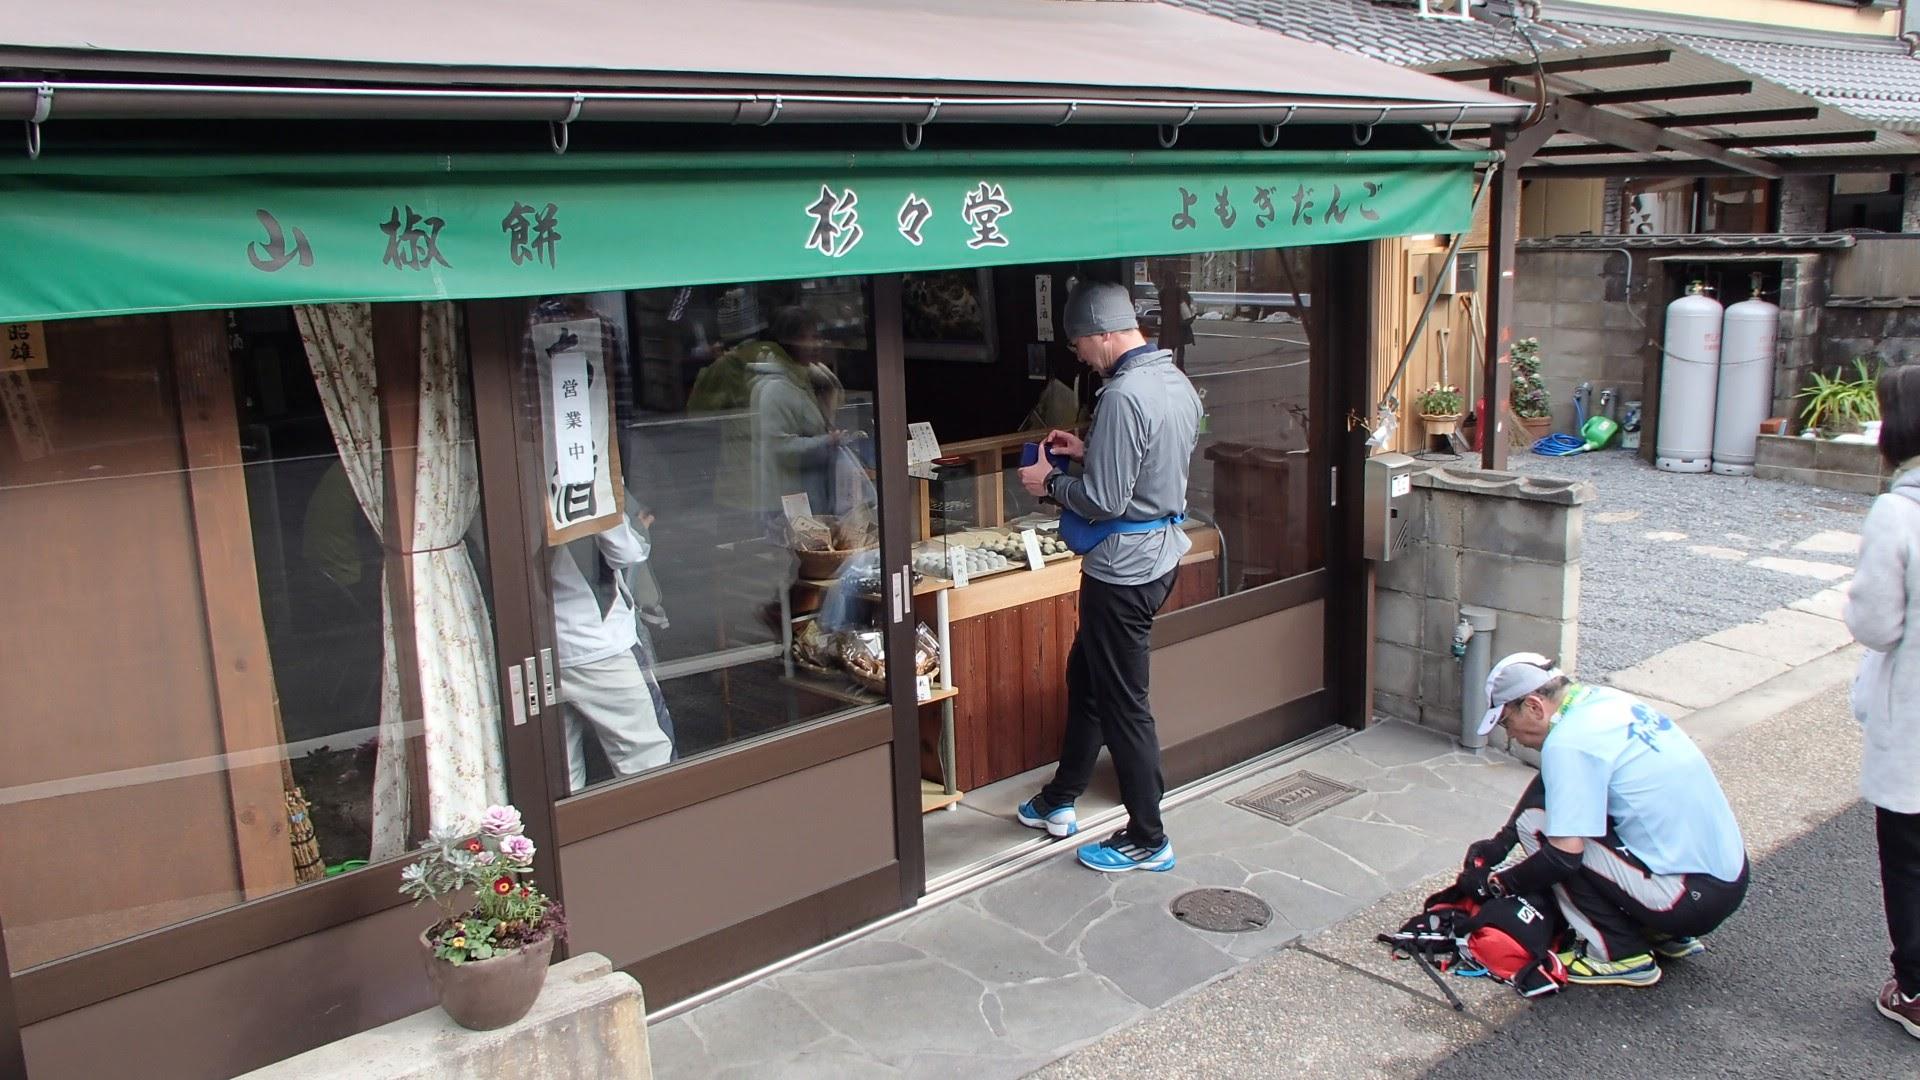 鞍馬駅前の和菓子屋さん